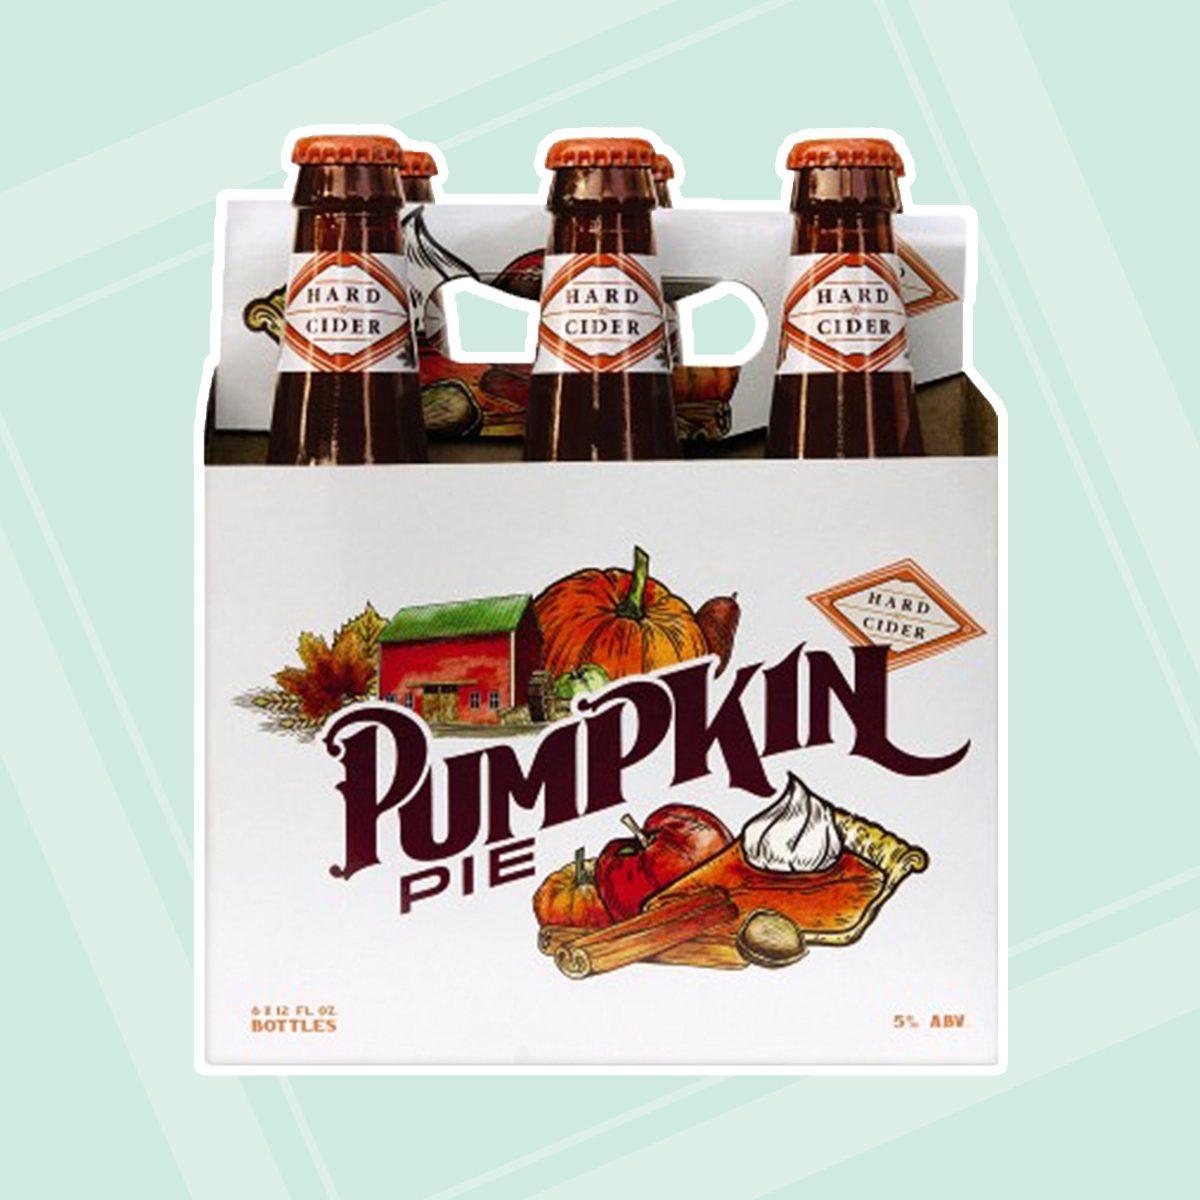 Aldi State of Brewing Pumpkin Pie Cider